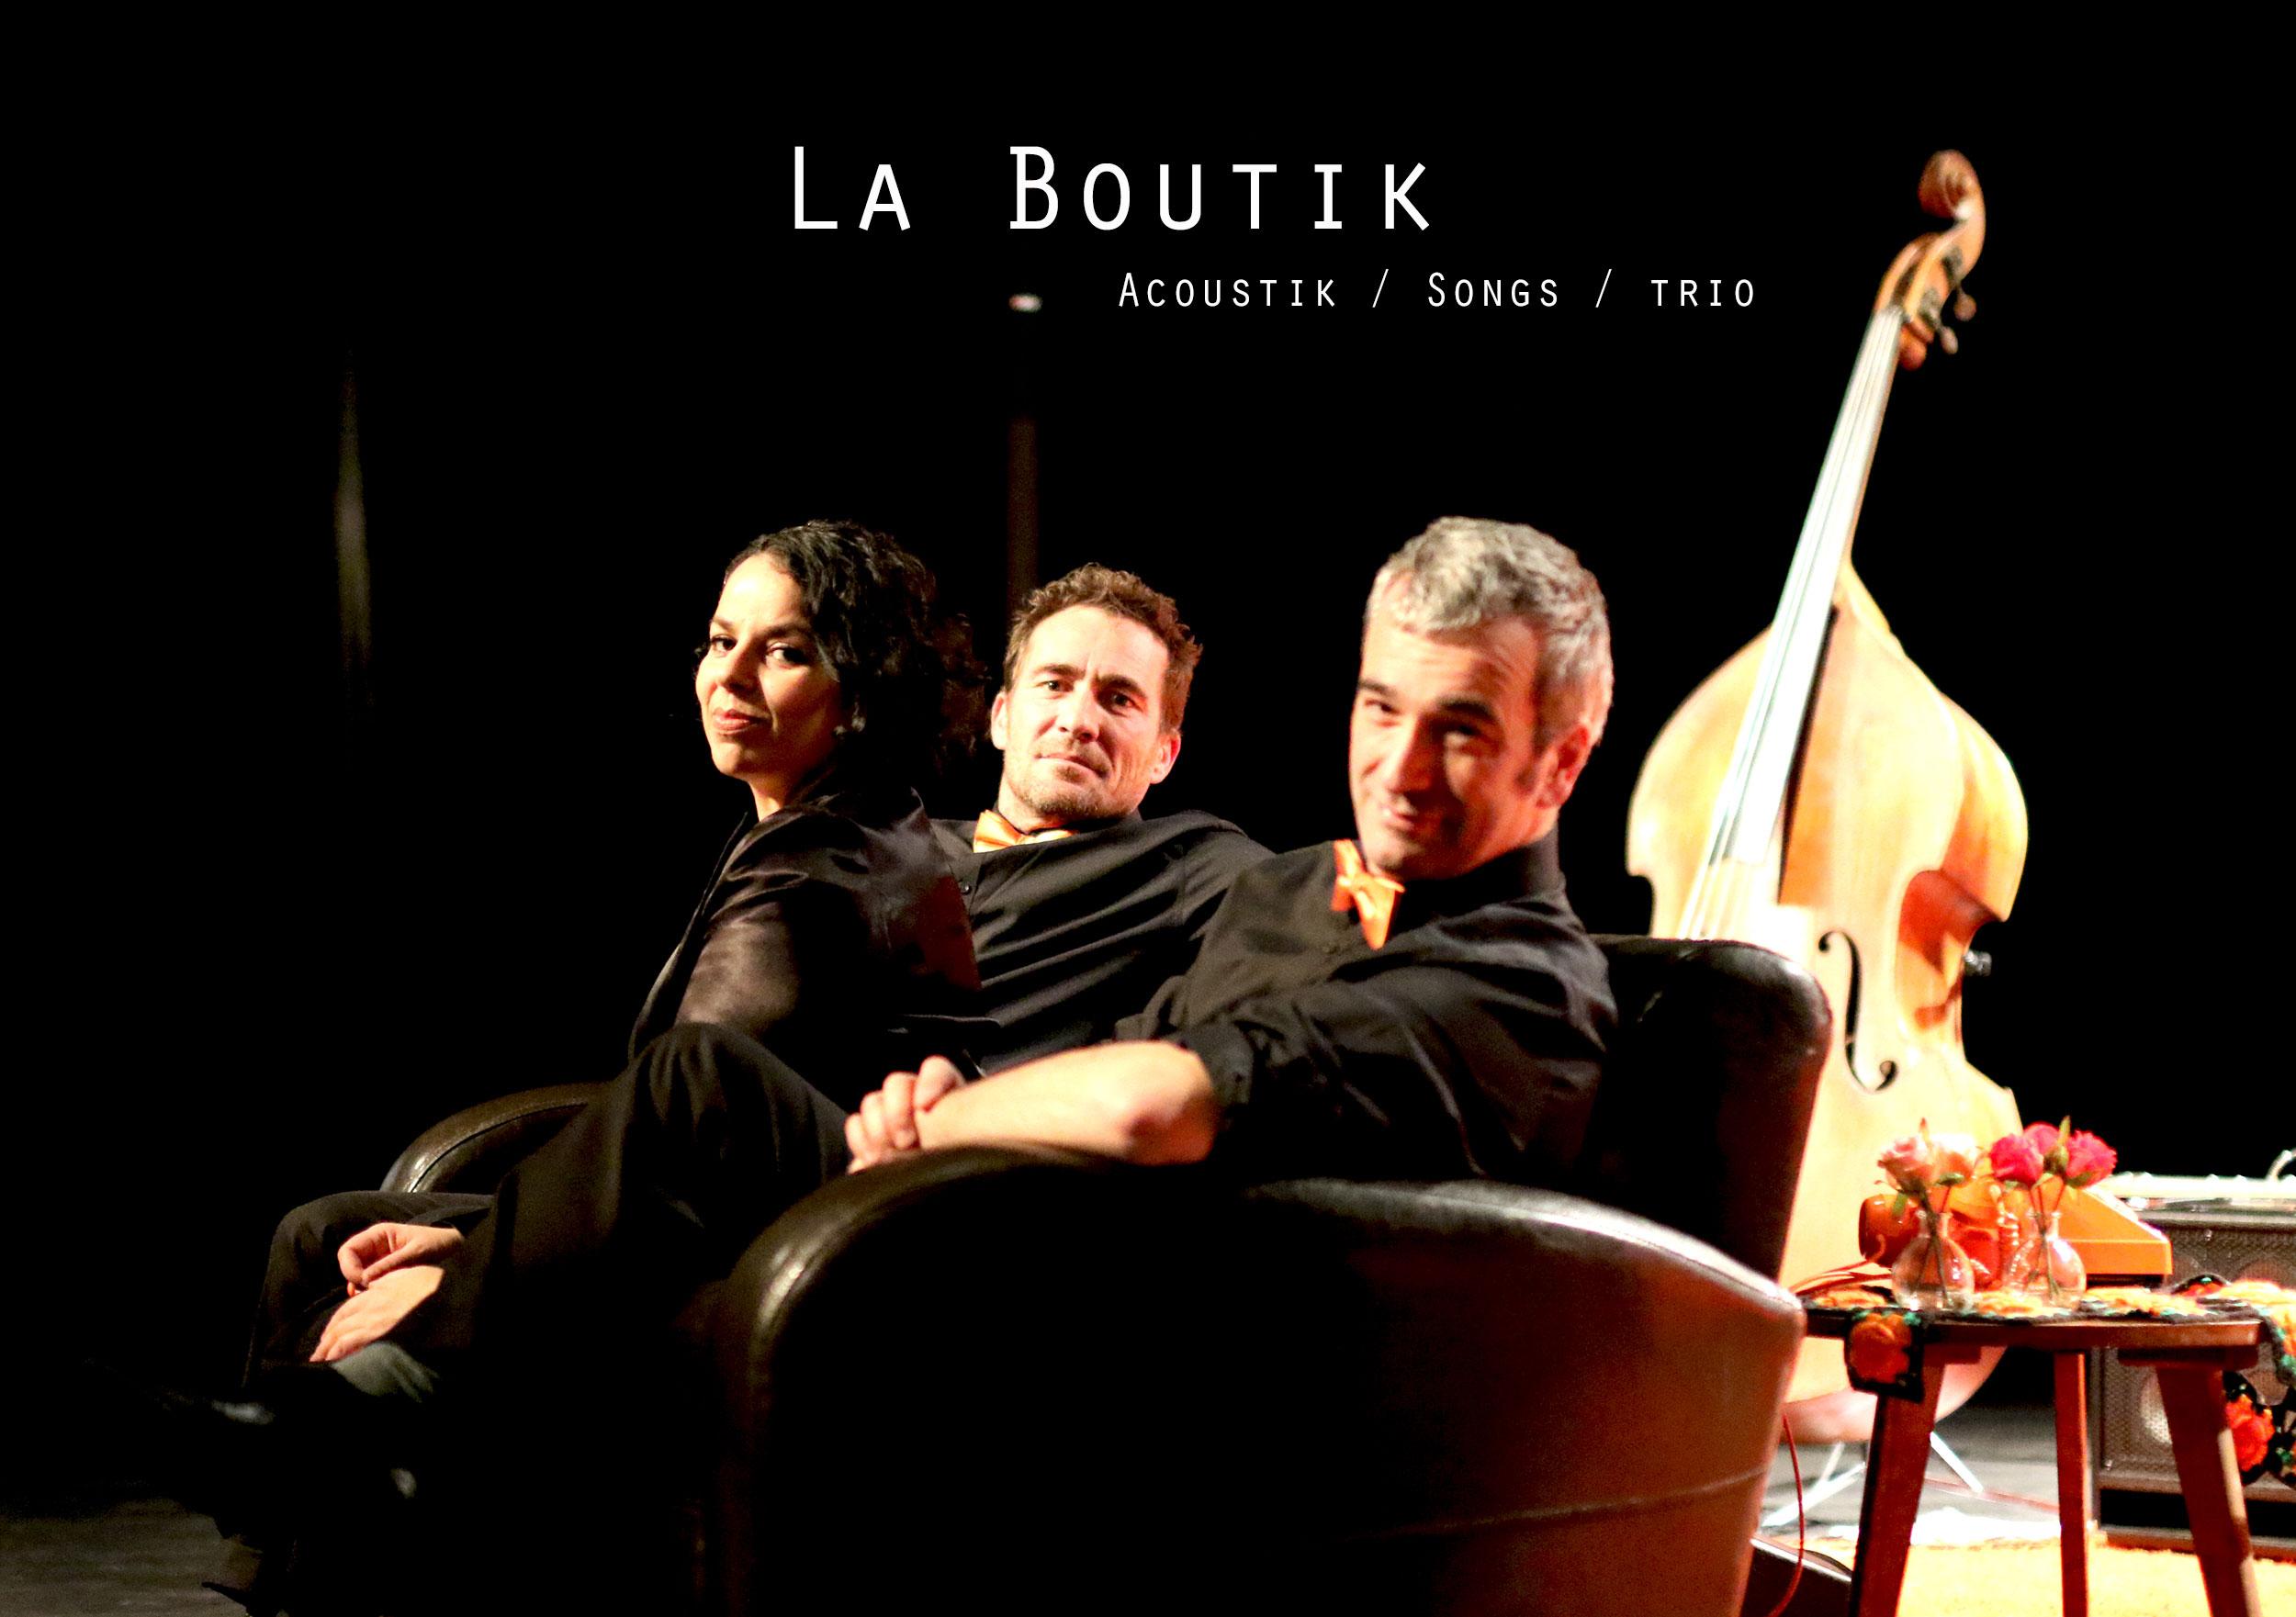 La Boutik